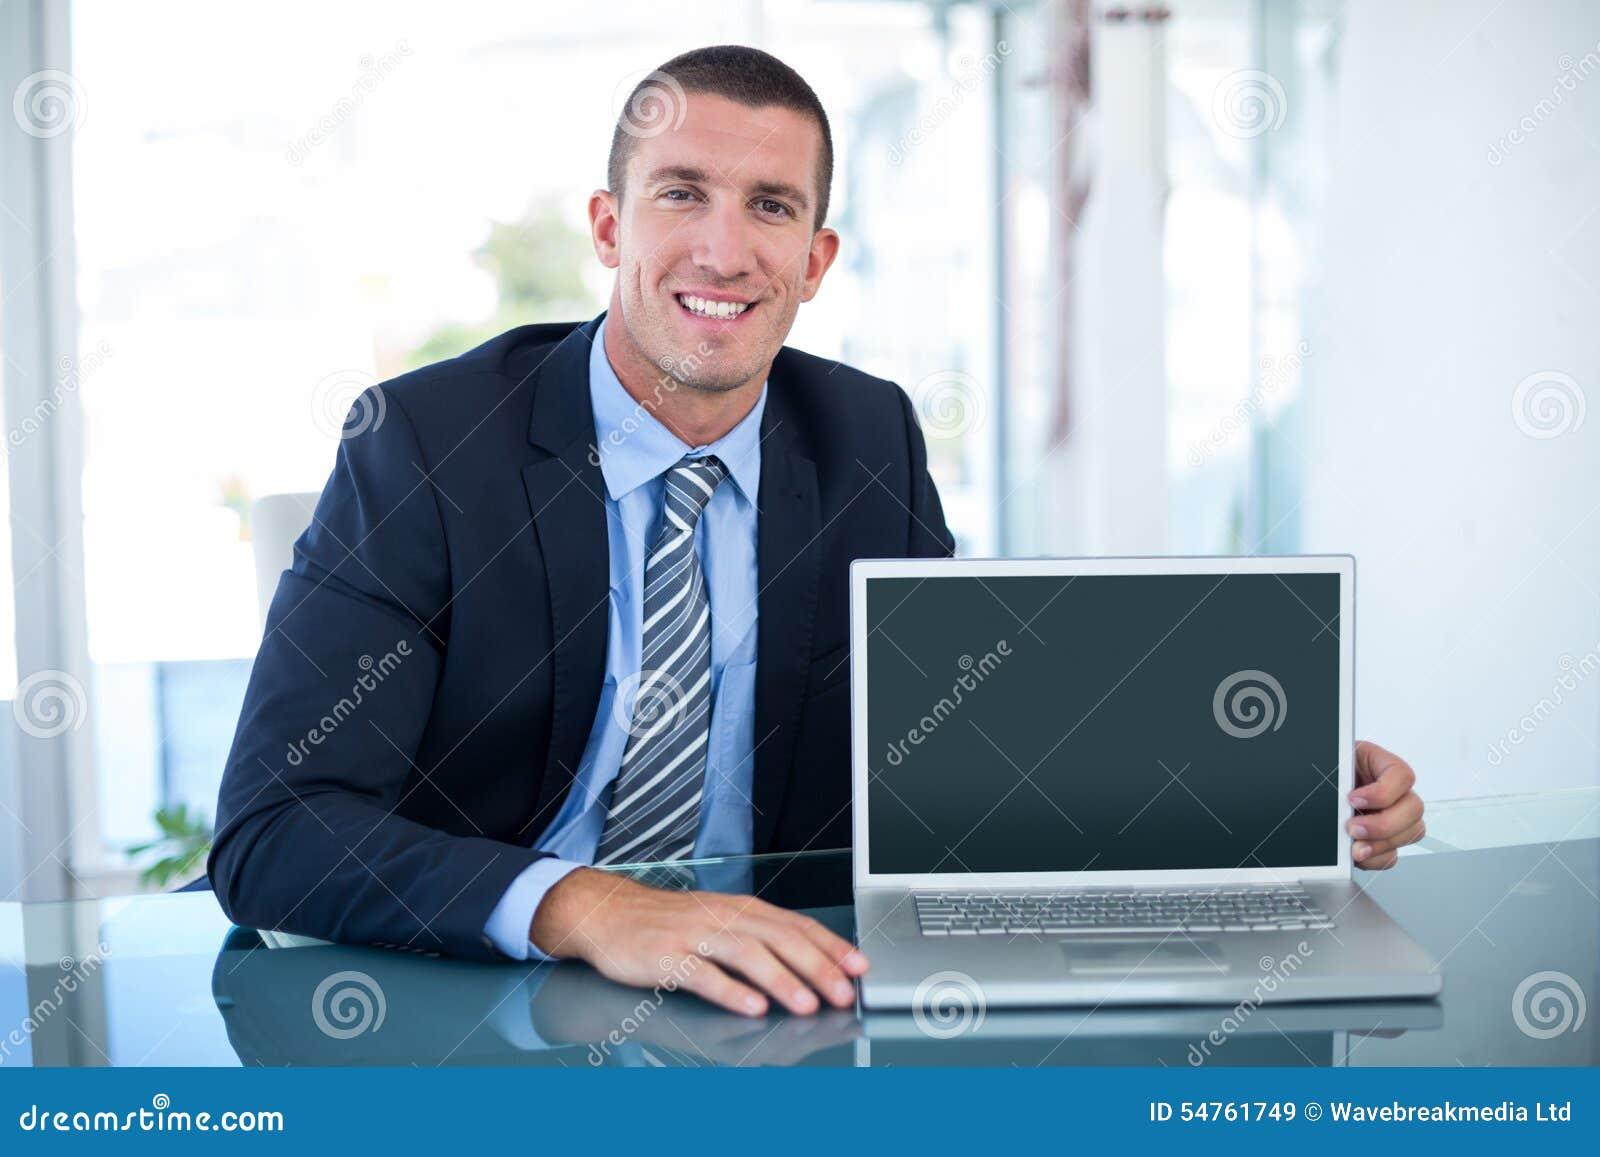 Businessman showing laptop